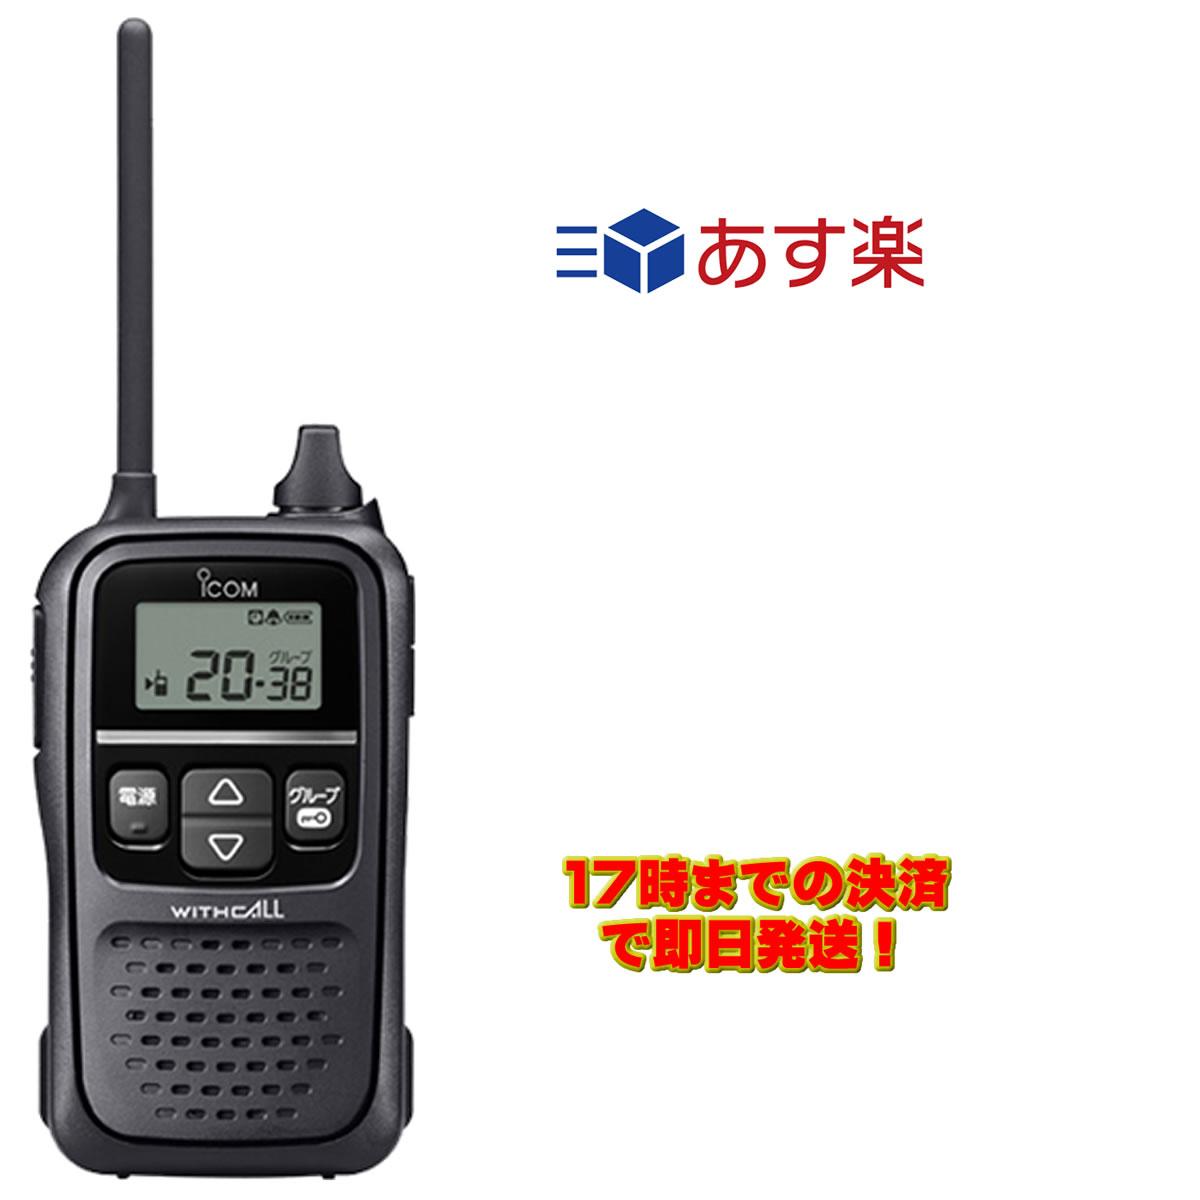 IC-4110B(ブラック) アイコム 特定小電力トランシーバー 20CH